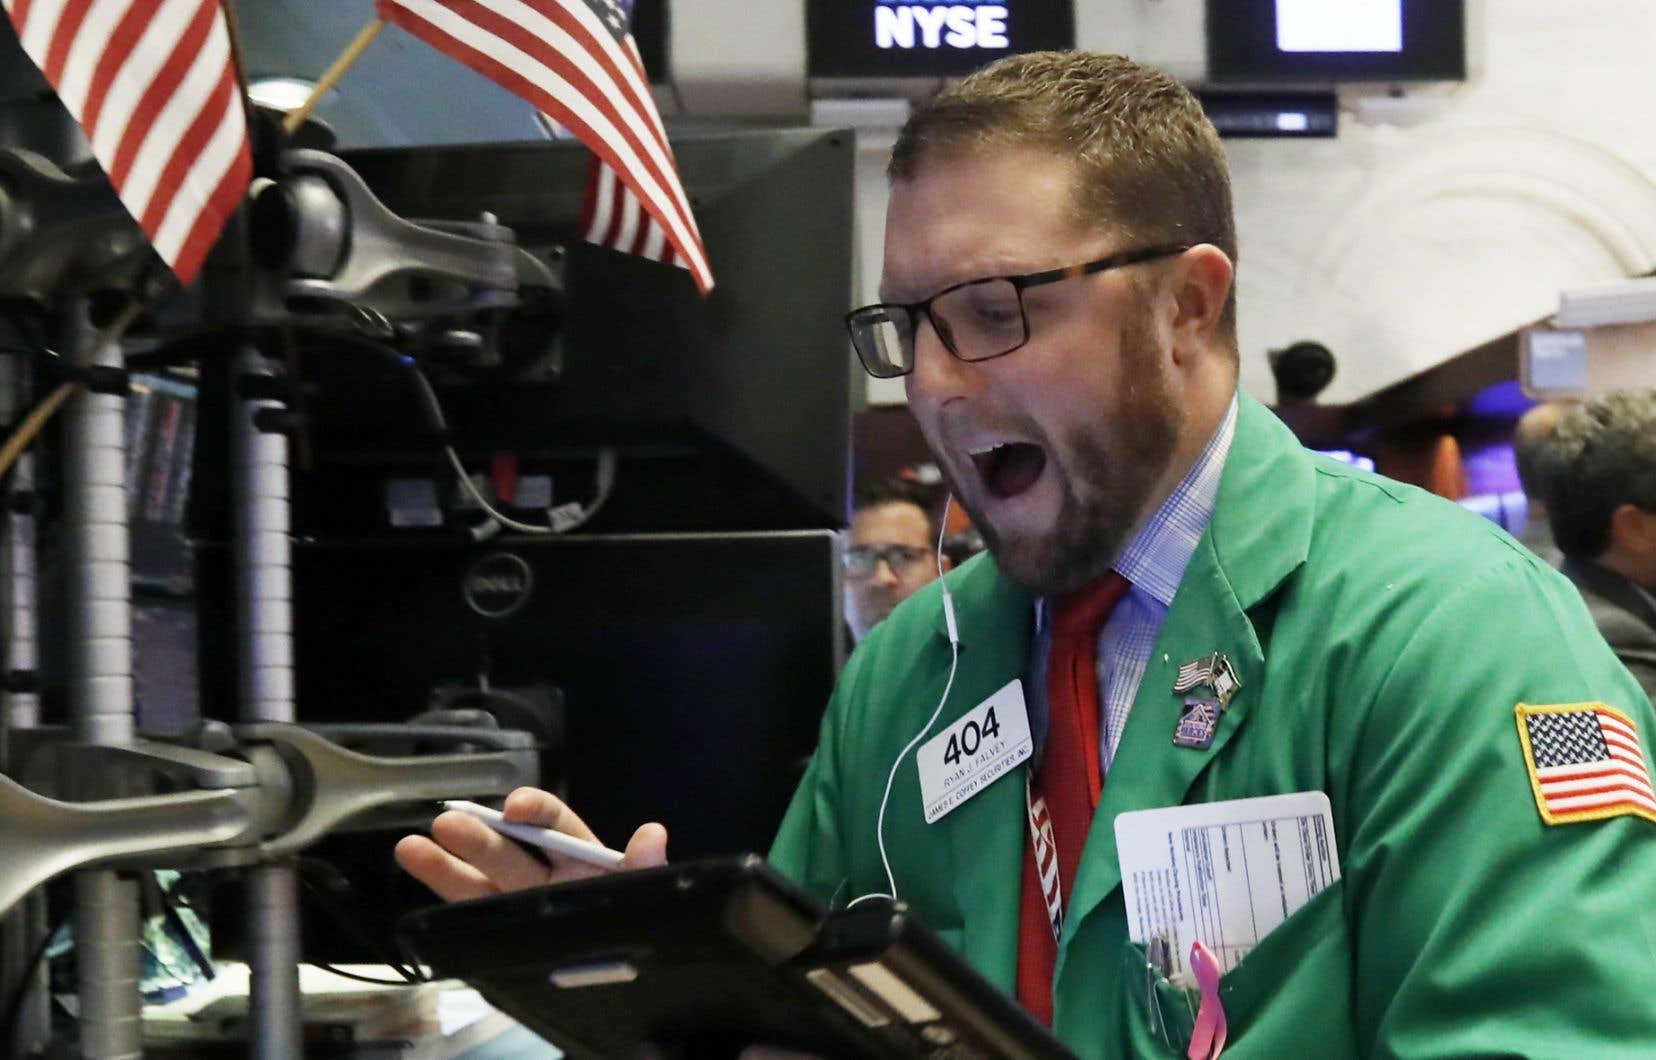 Selon des résultats définitifs à la clôture mercredi, l'indice vedette de la place new-yorkaise, le Dow Jones, a cédé 3,2 %, à 25598,74 points, sa plus mauvaise séance depuis février.